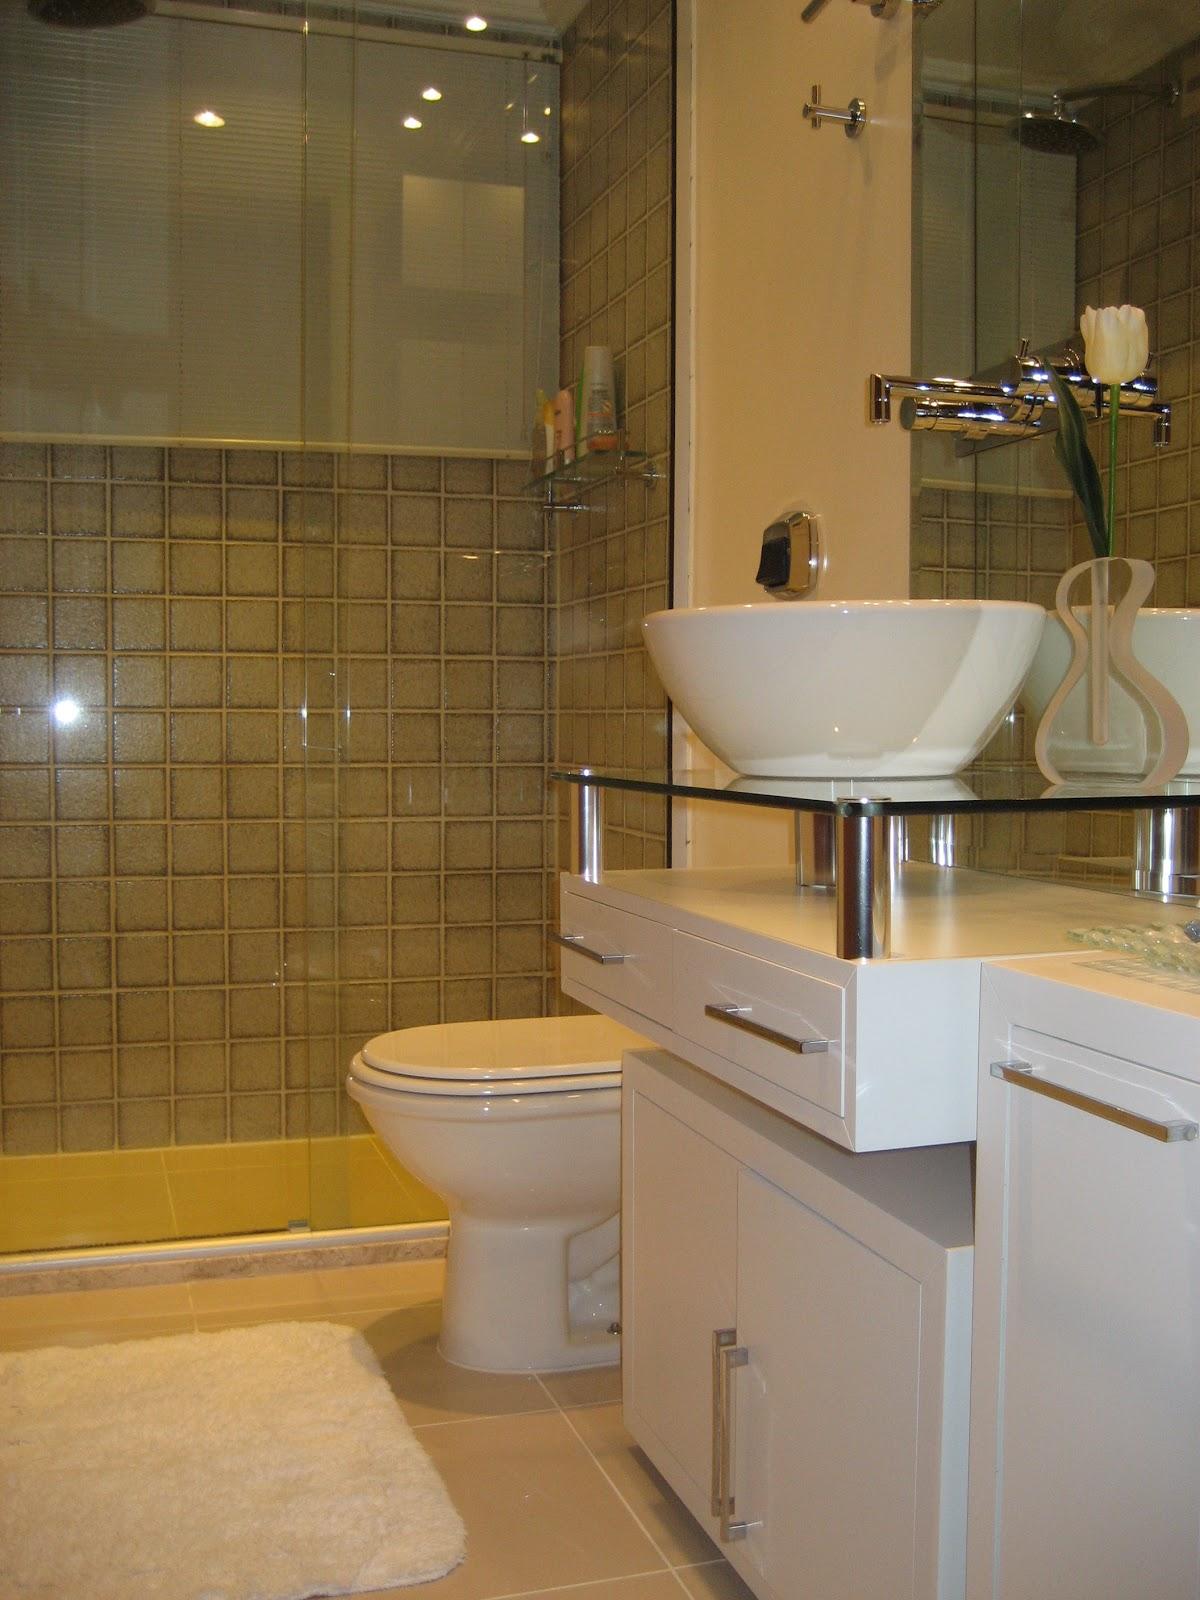 . decoracao reforma banheiro:Reciclar reformar e decorar.: Banheiros #966F35 1200 1600